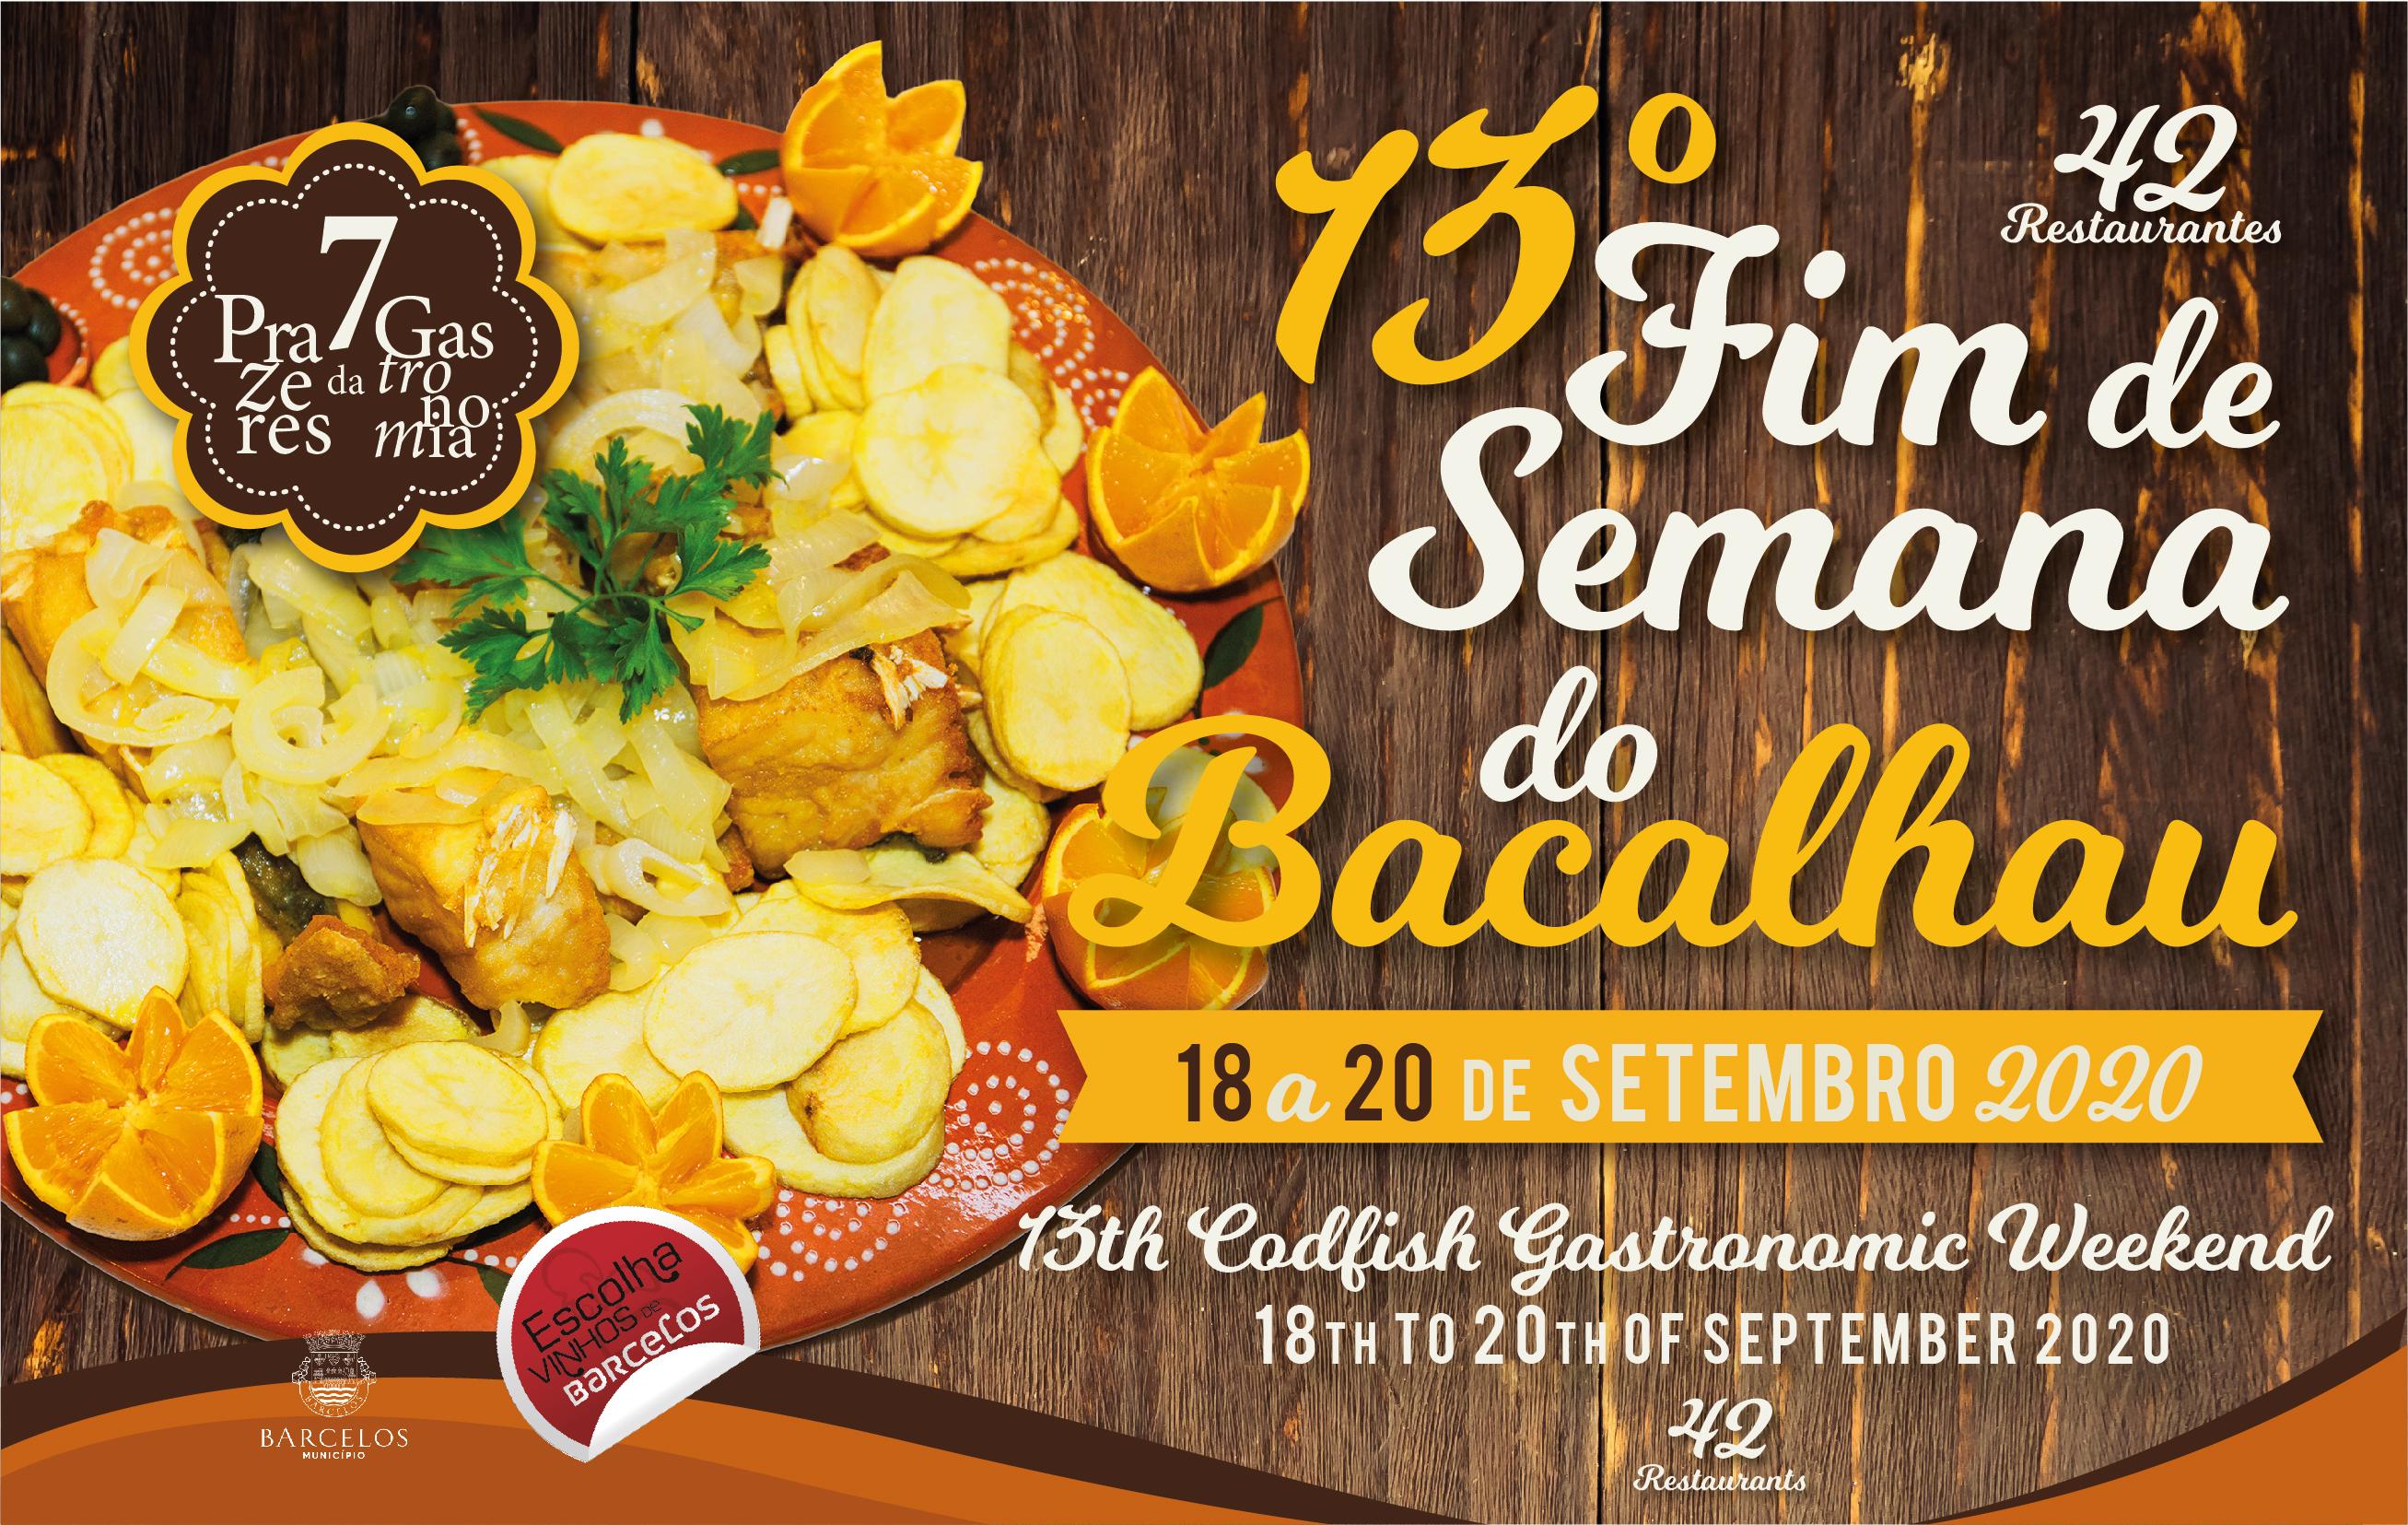 Fins de semana gastronómicos voltam com o Bacalhau